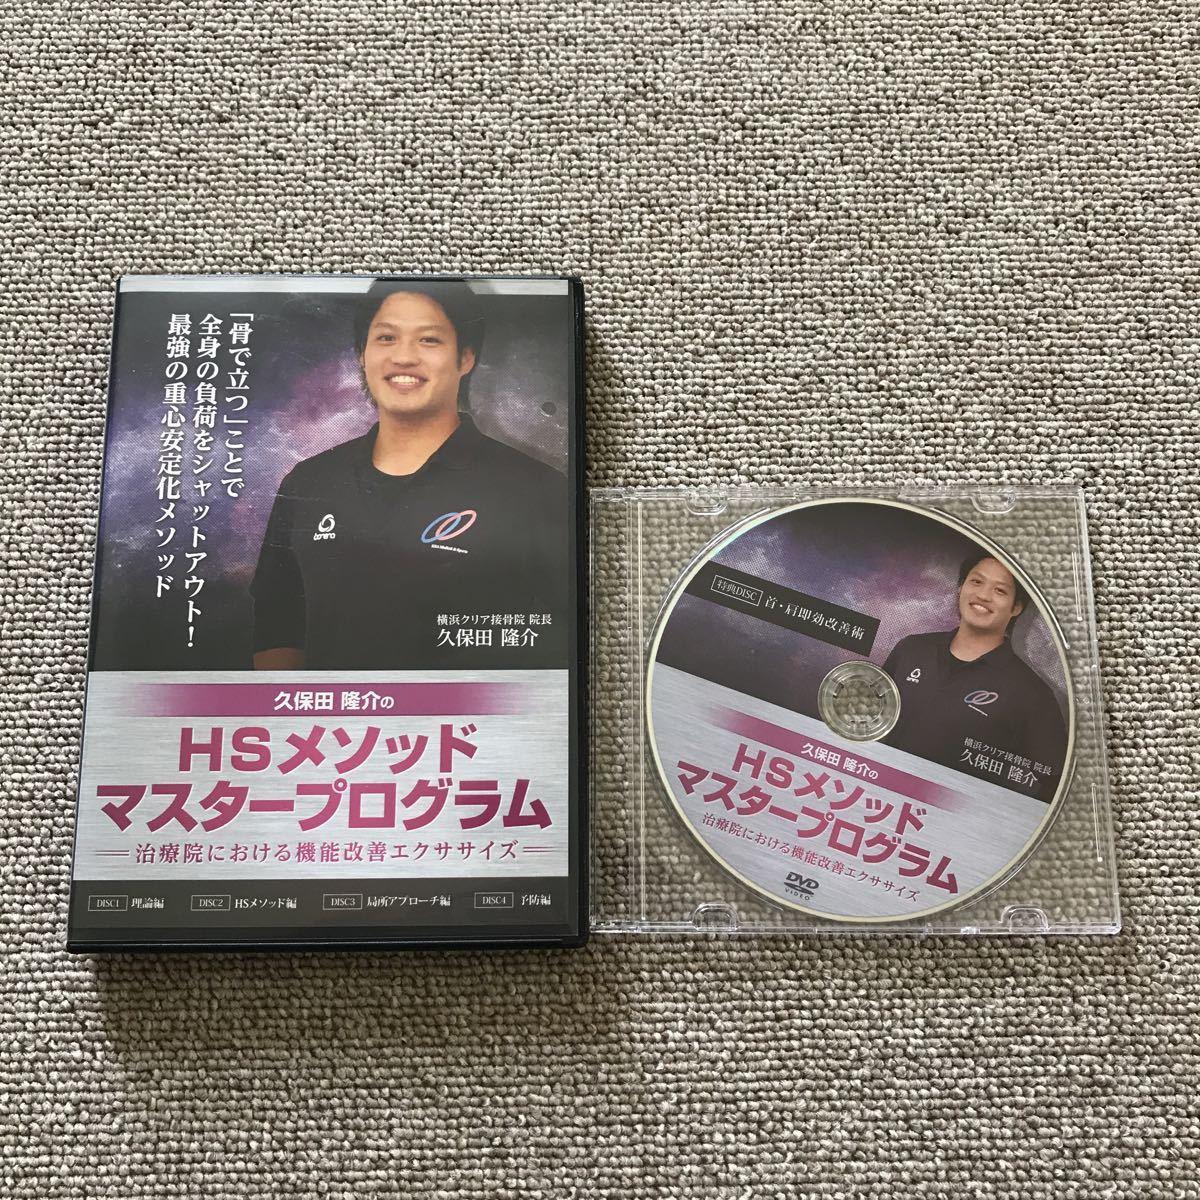 HSメソッド マスタープログラム DVD 特典DVD付